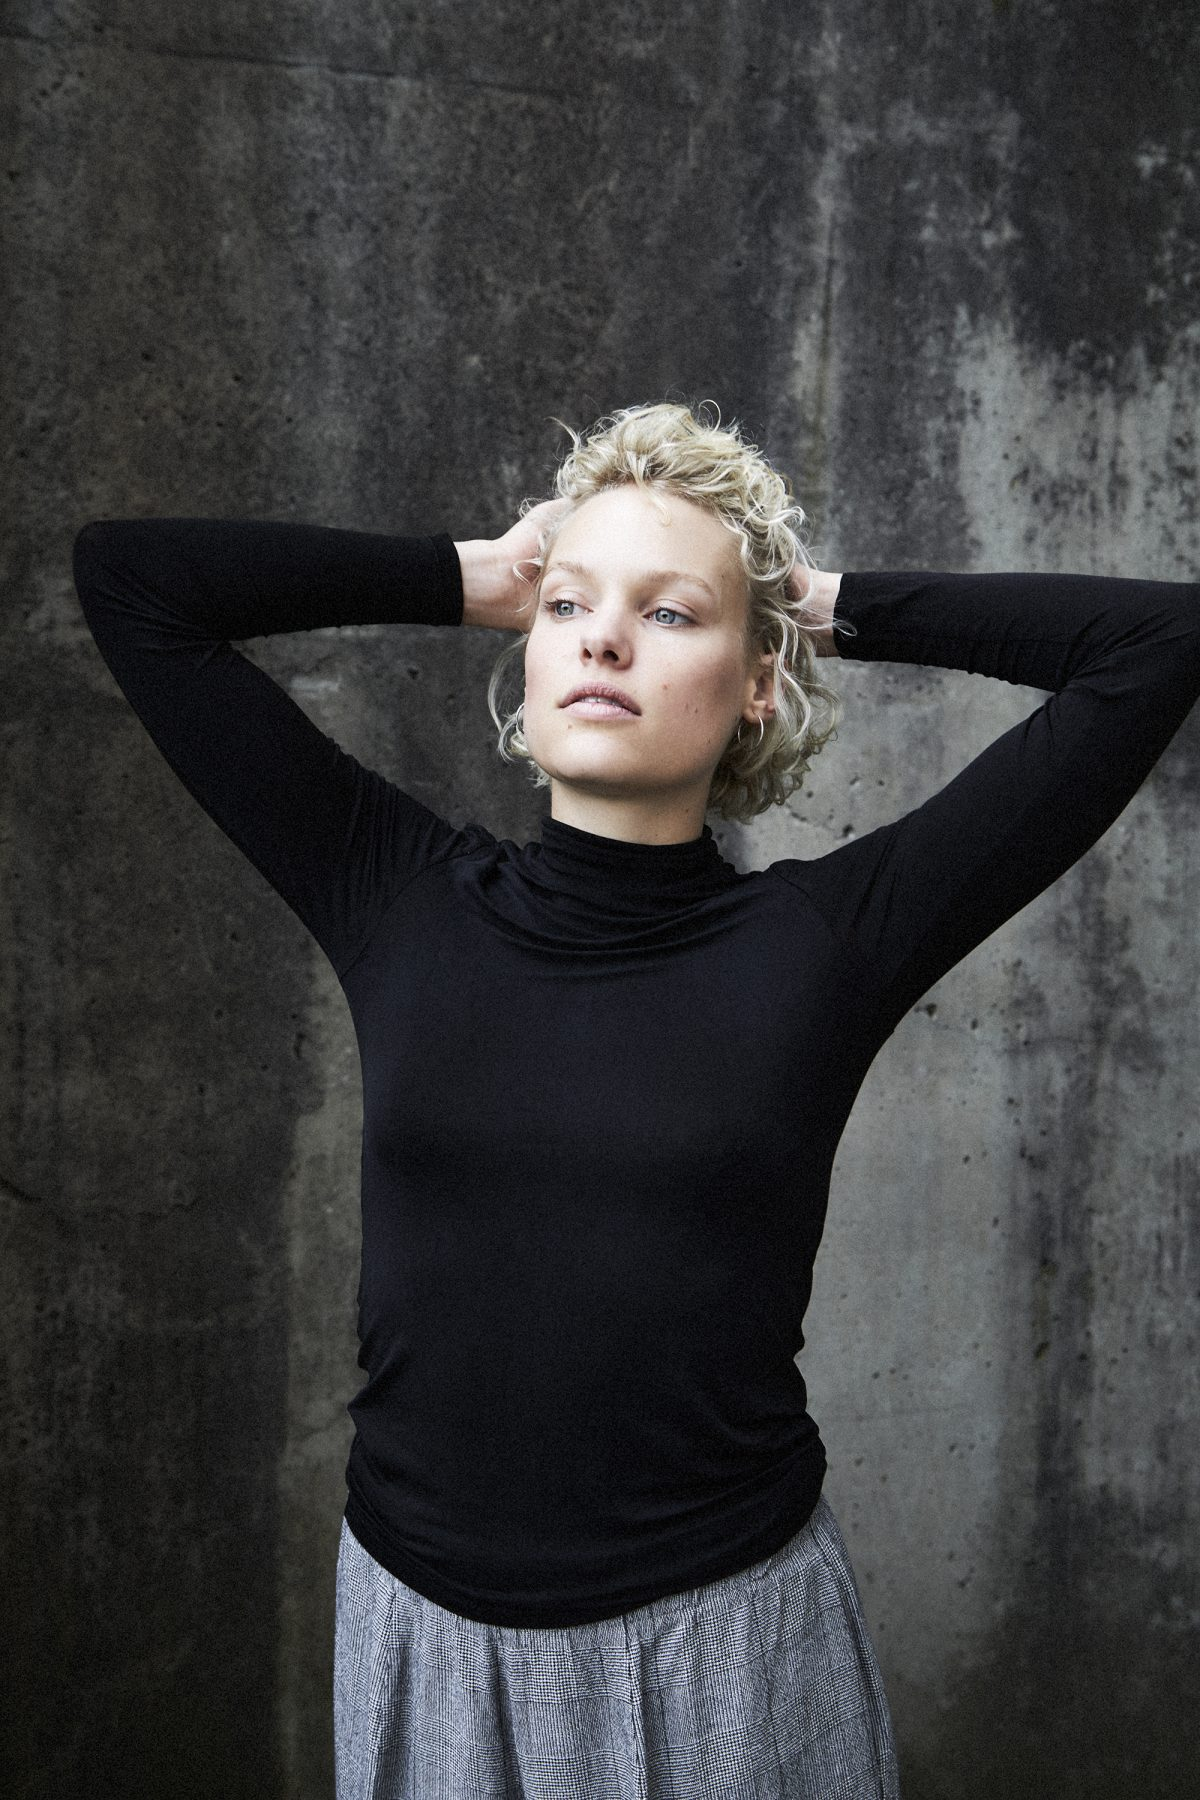 Julia Franz Richter